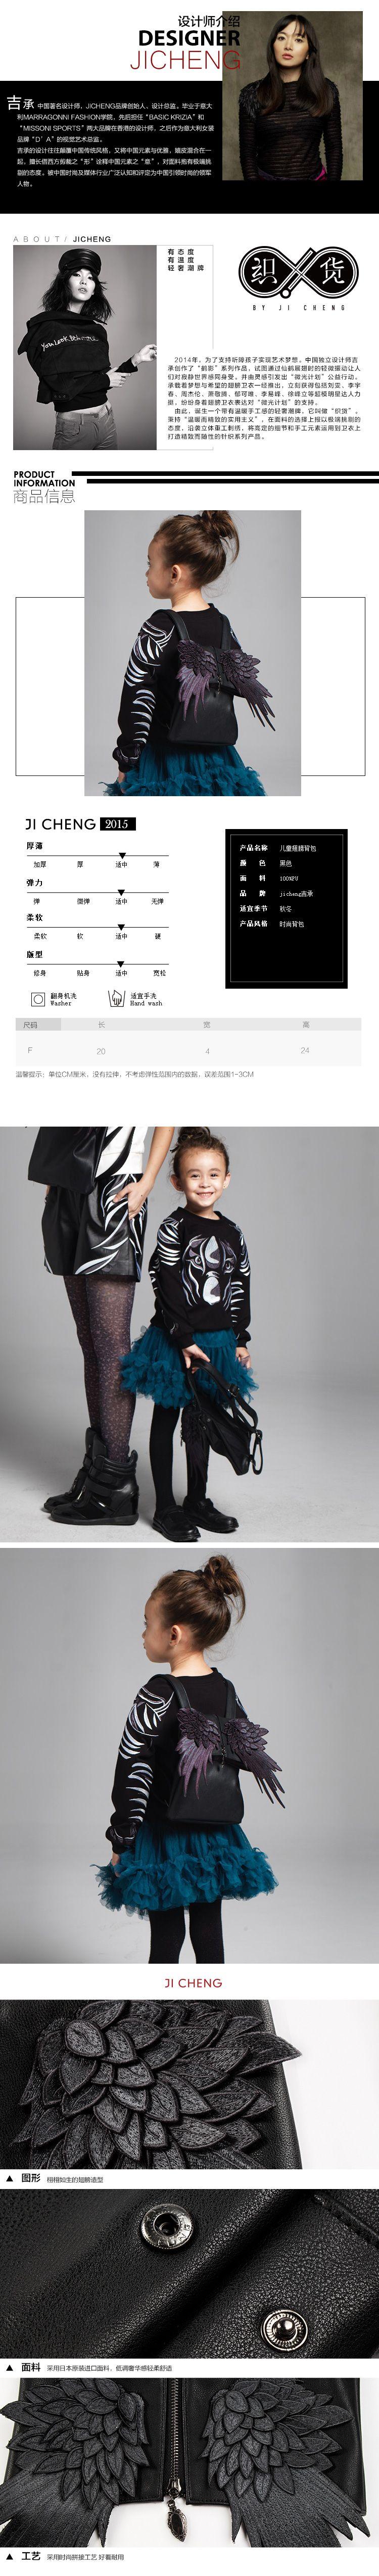 吉承ji cheng设计师品牌专场黑色儿童翅膀背包lac0047